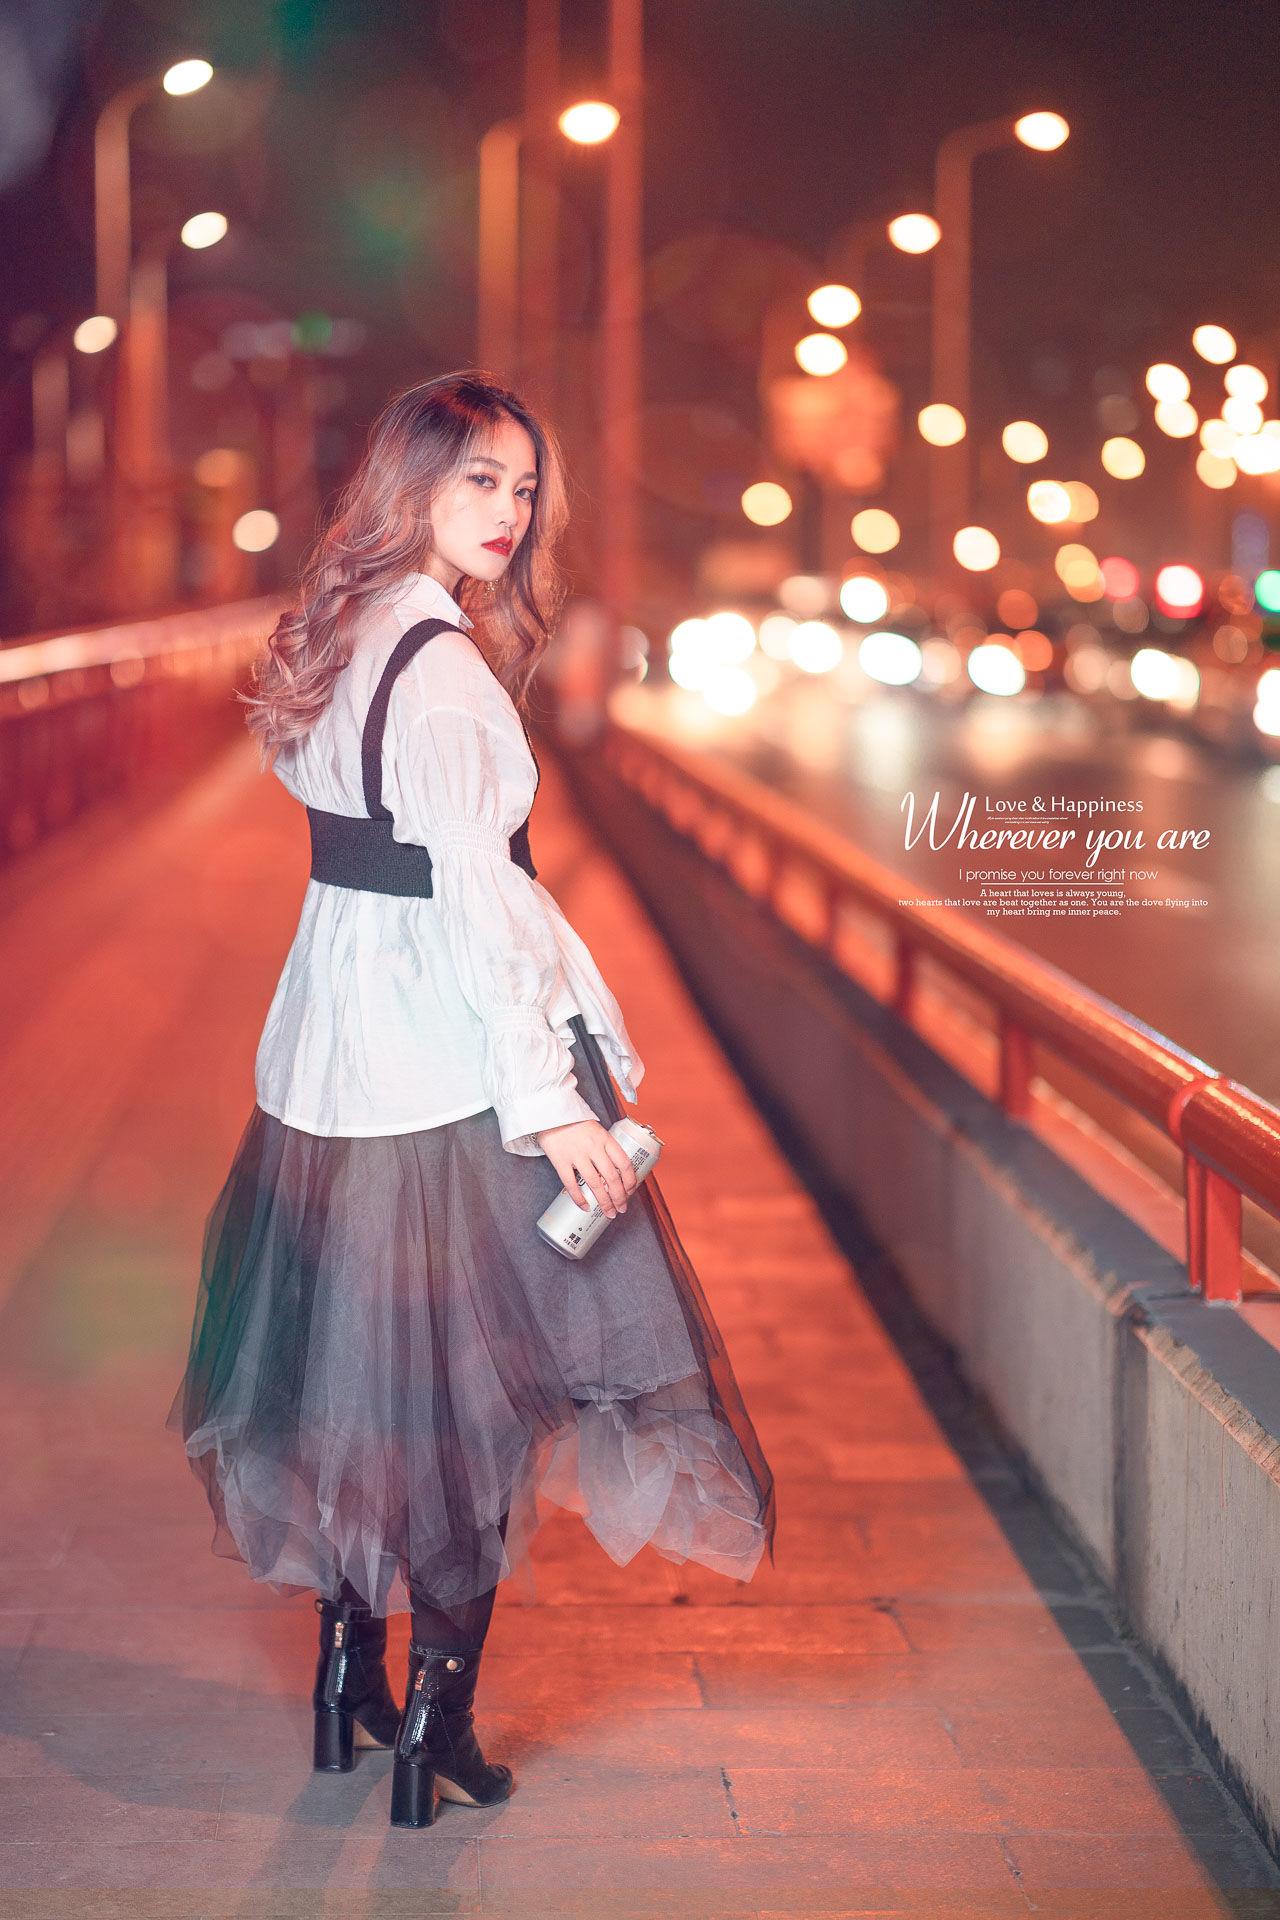 2019-01-22 汉中路高架夜景_摄影师晦恩 模特十八